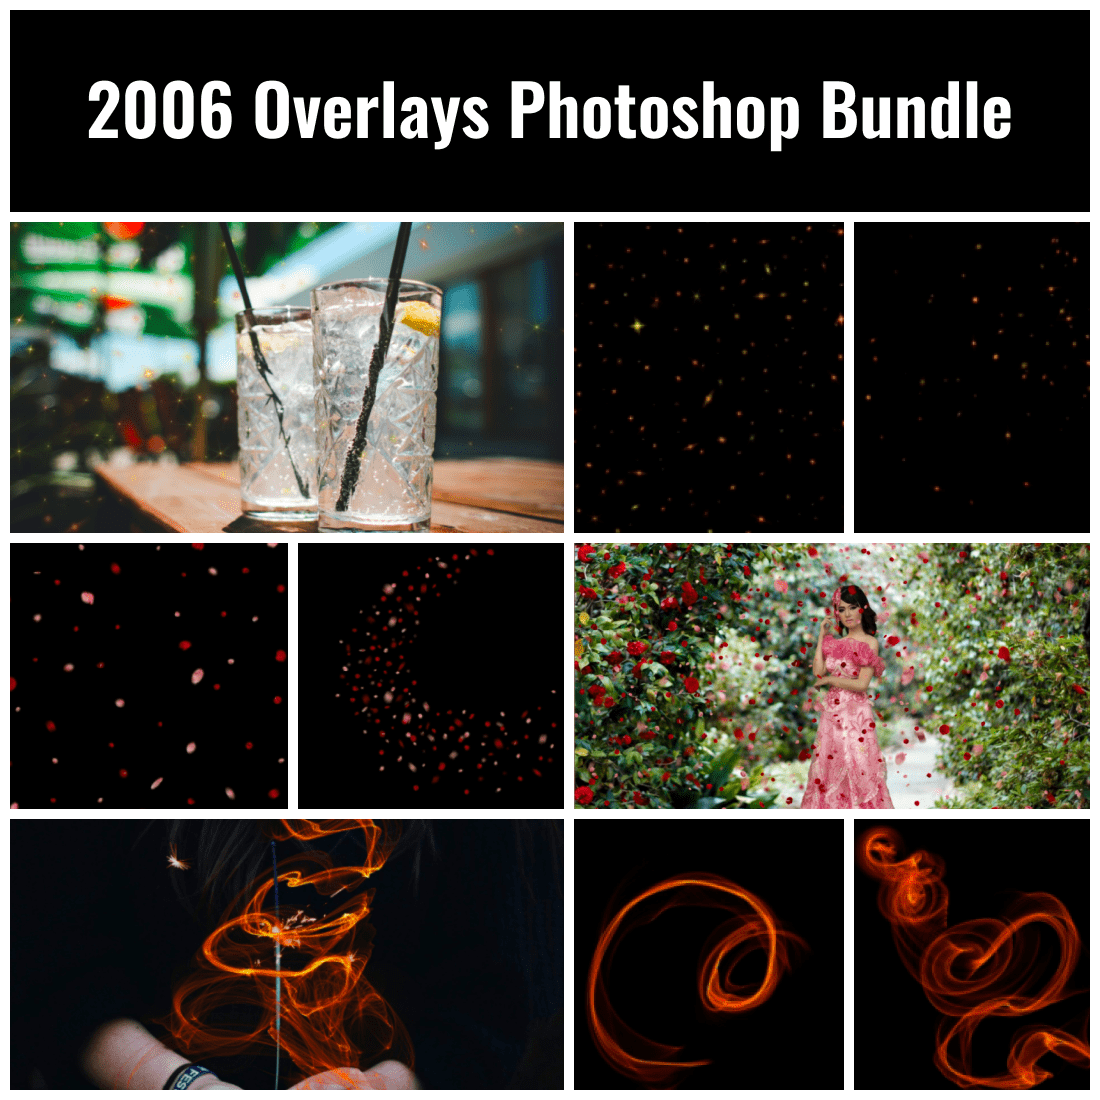 2006 Overlays Photoshop Bundle